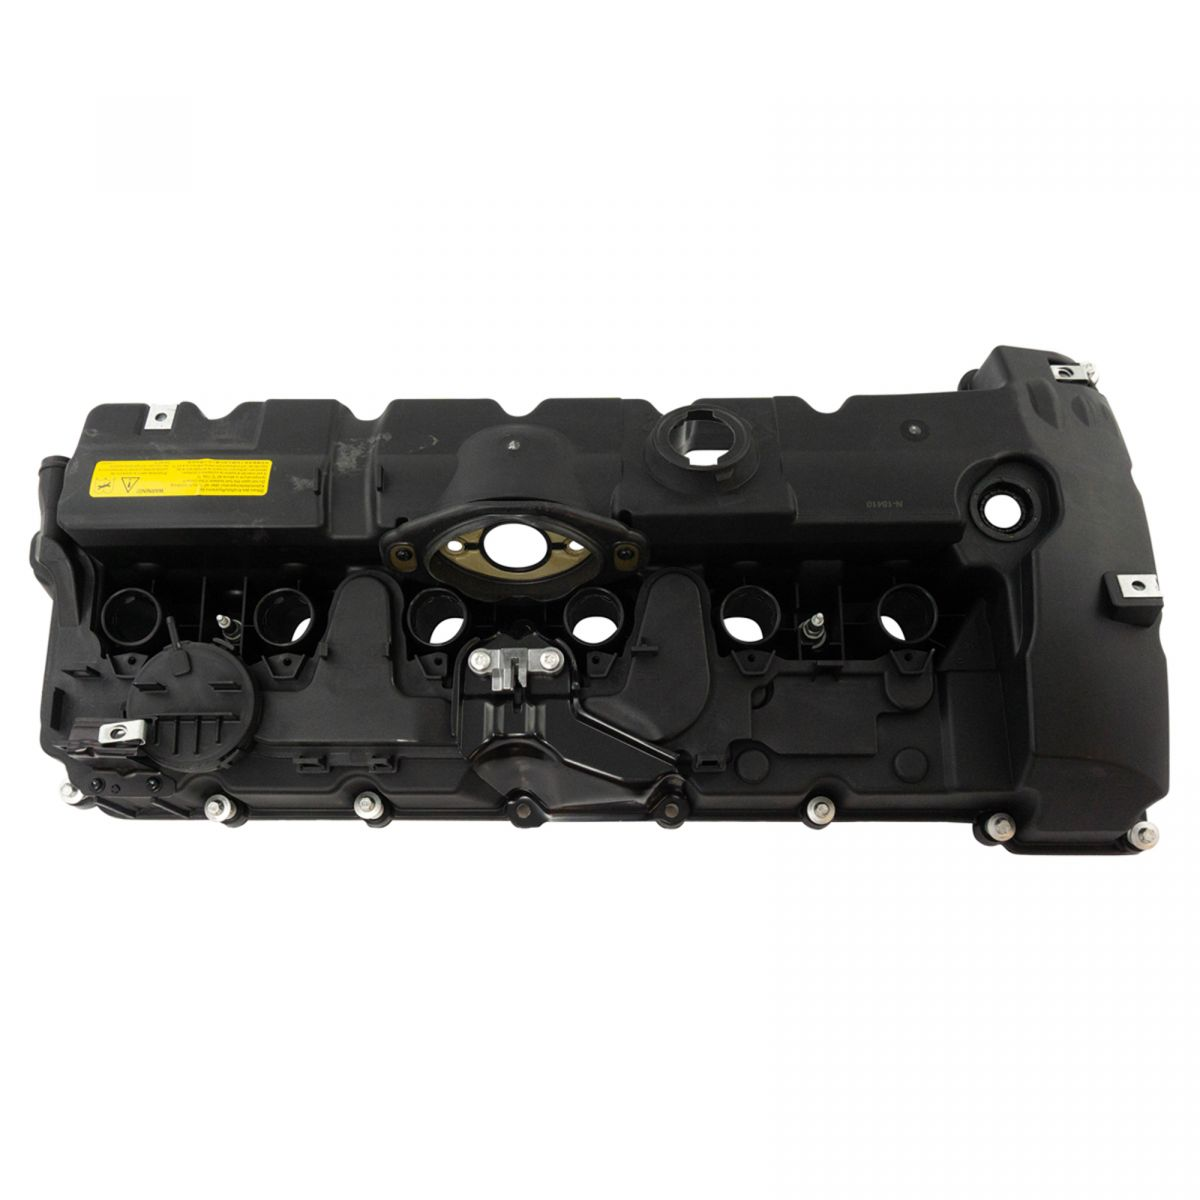 Engine Valve Cover w/ Gasket & Hardware for BMW 128i 328i 528i X3 X5 Z4